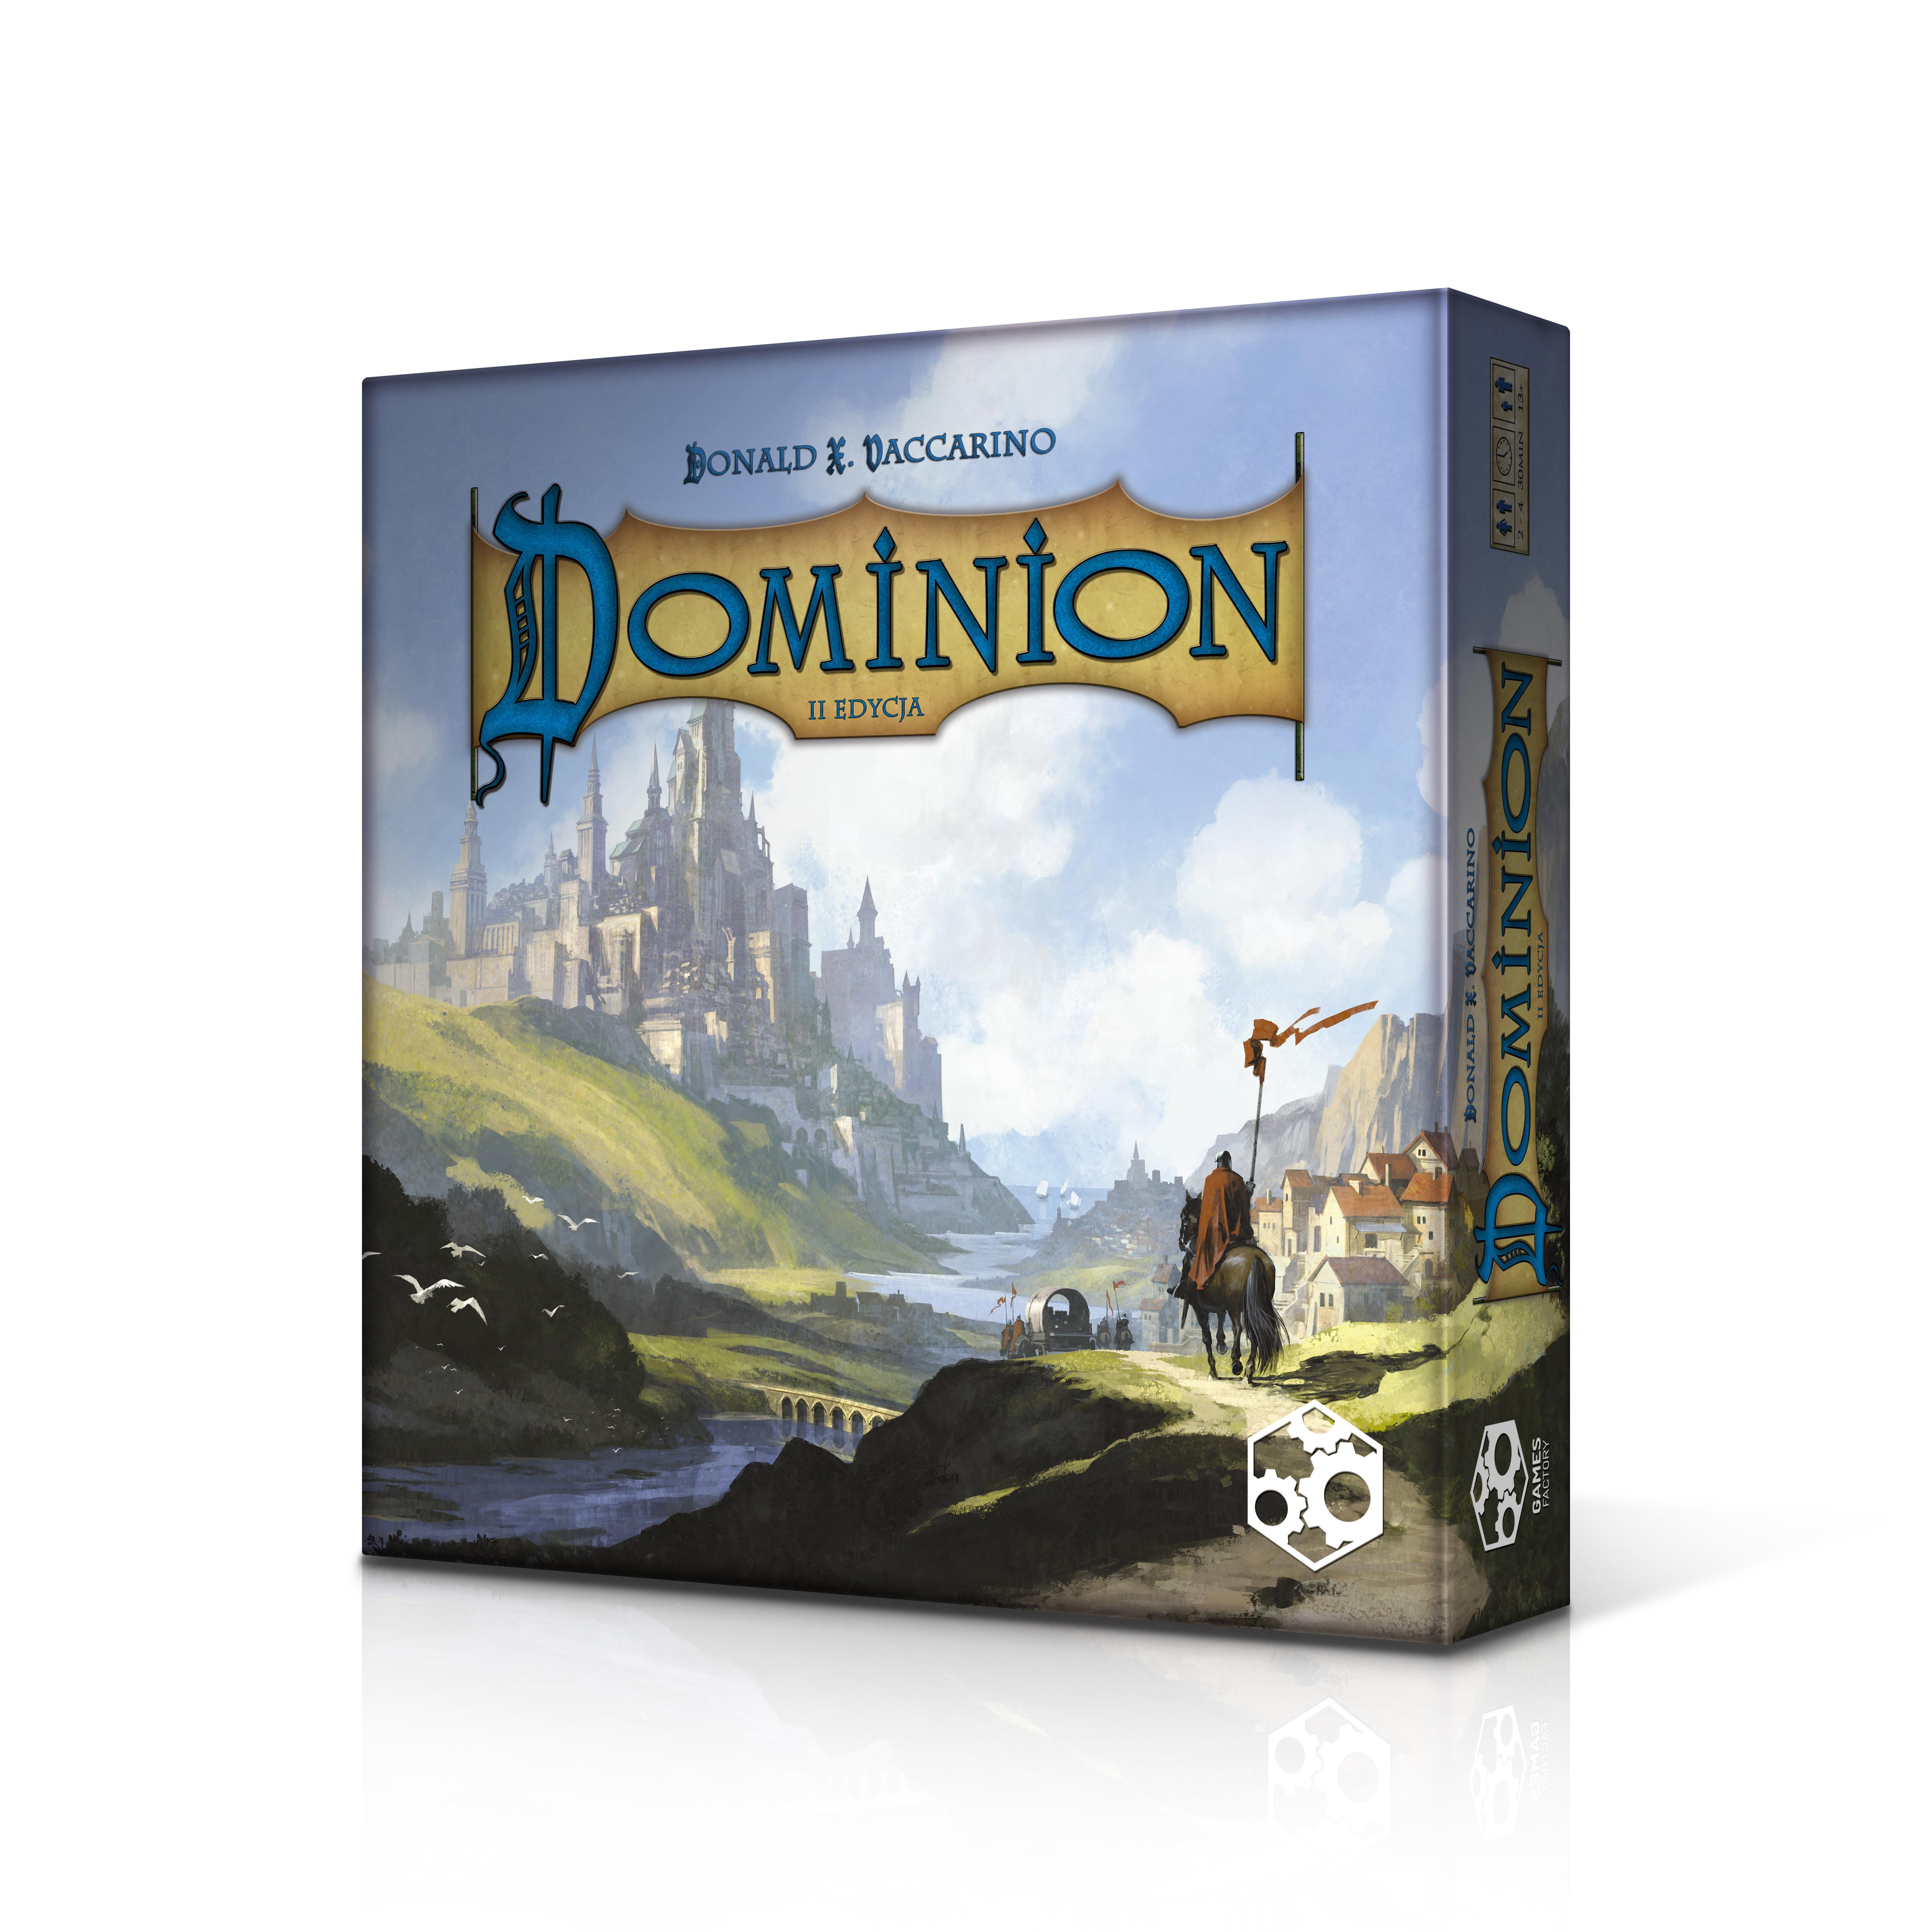 Dominion II edycja (polskie wydanie)